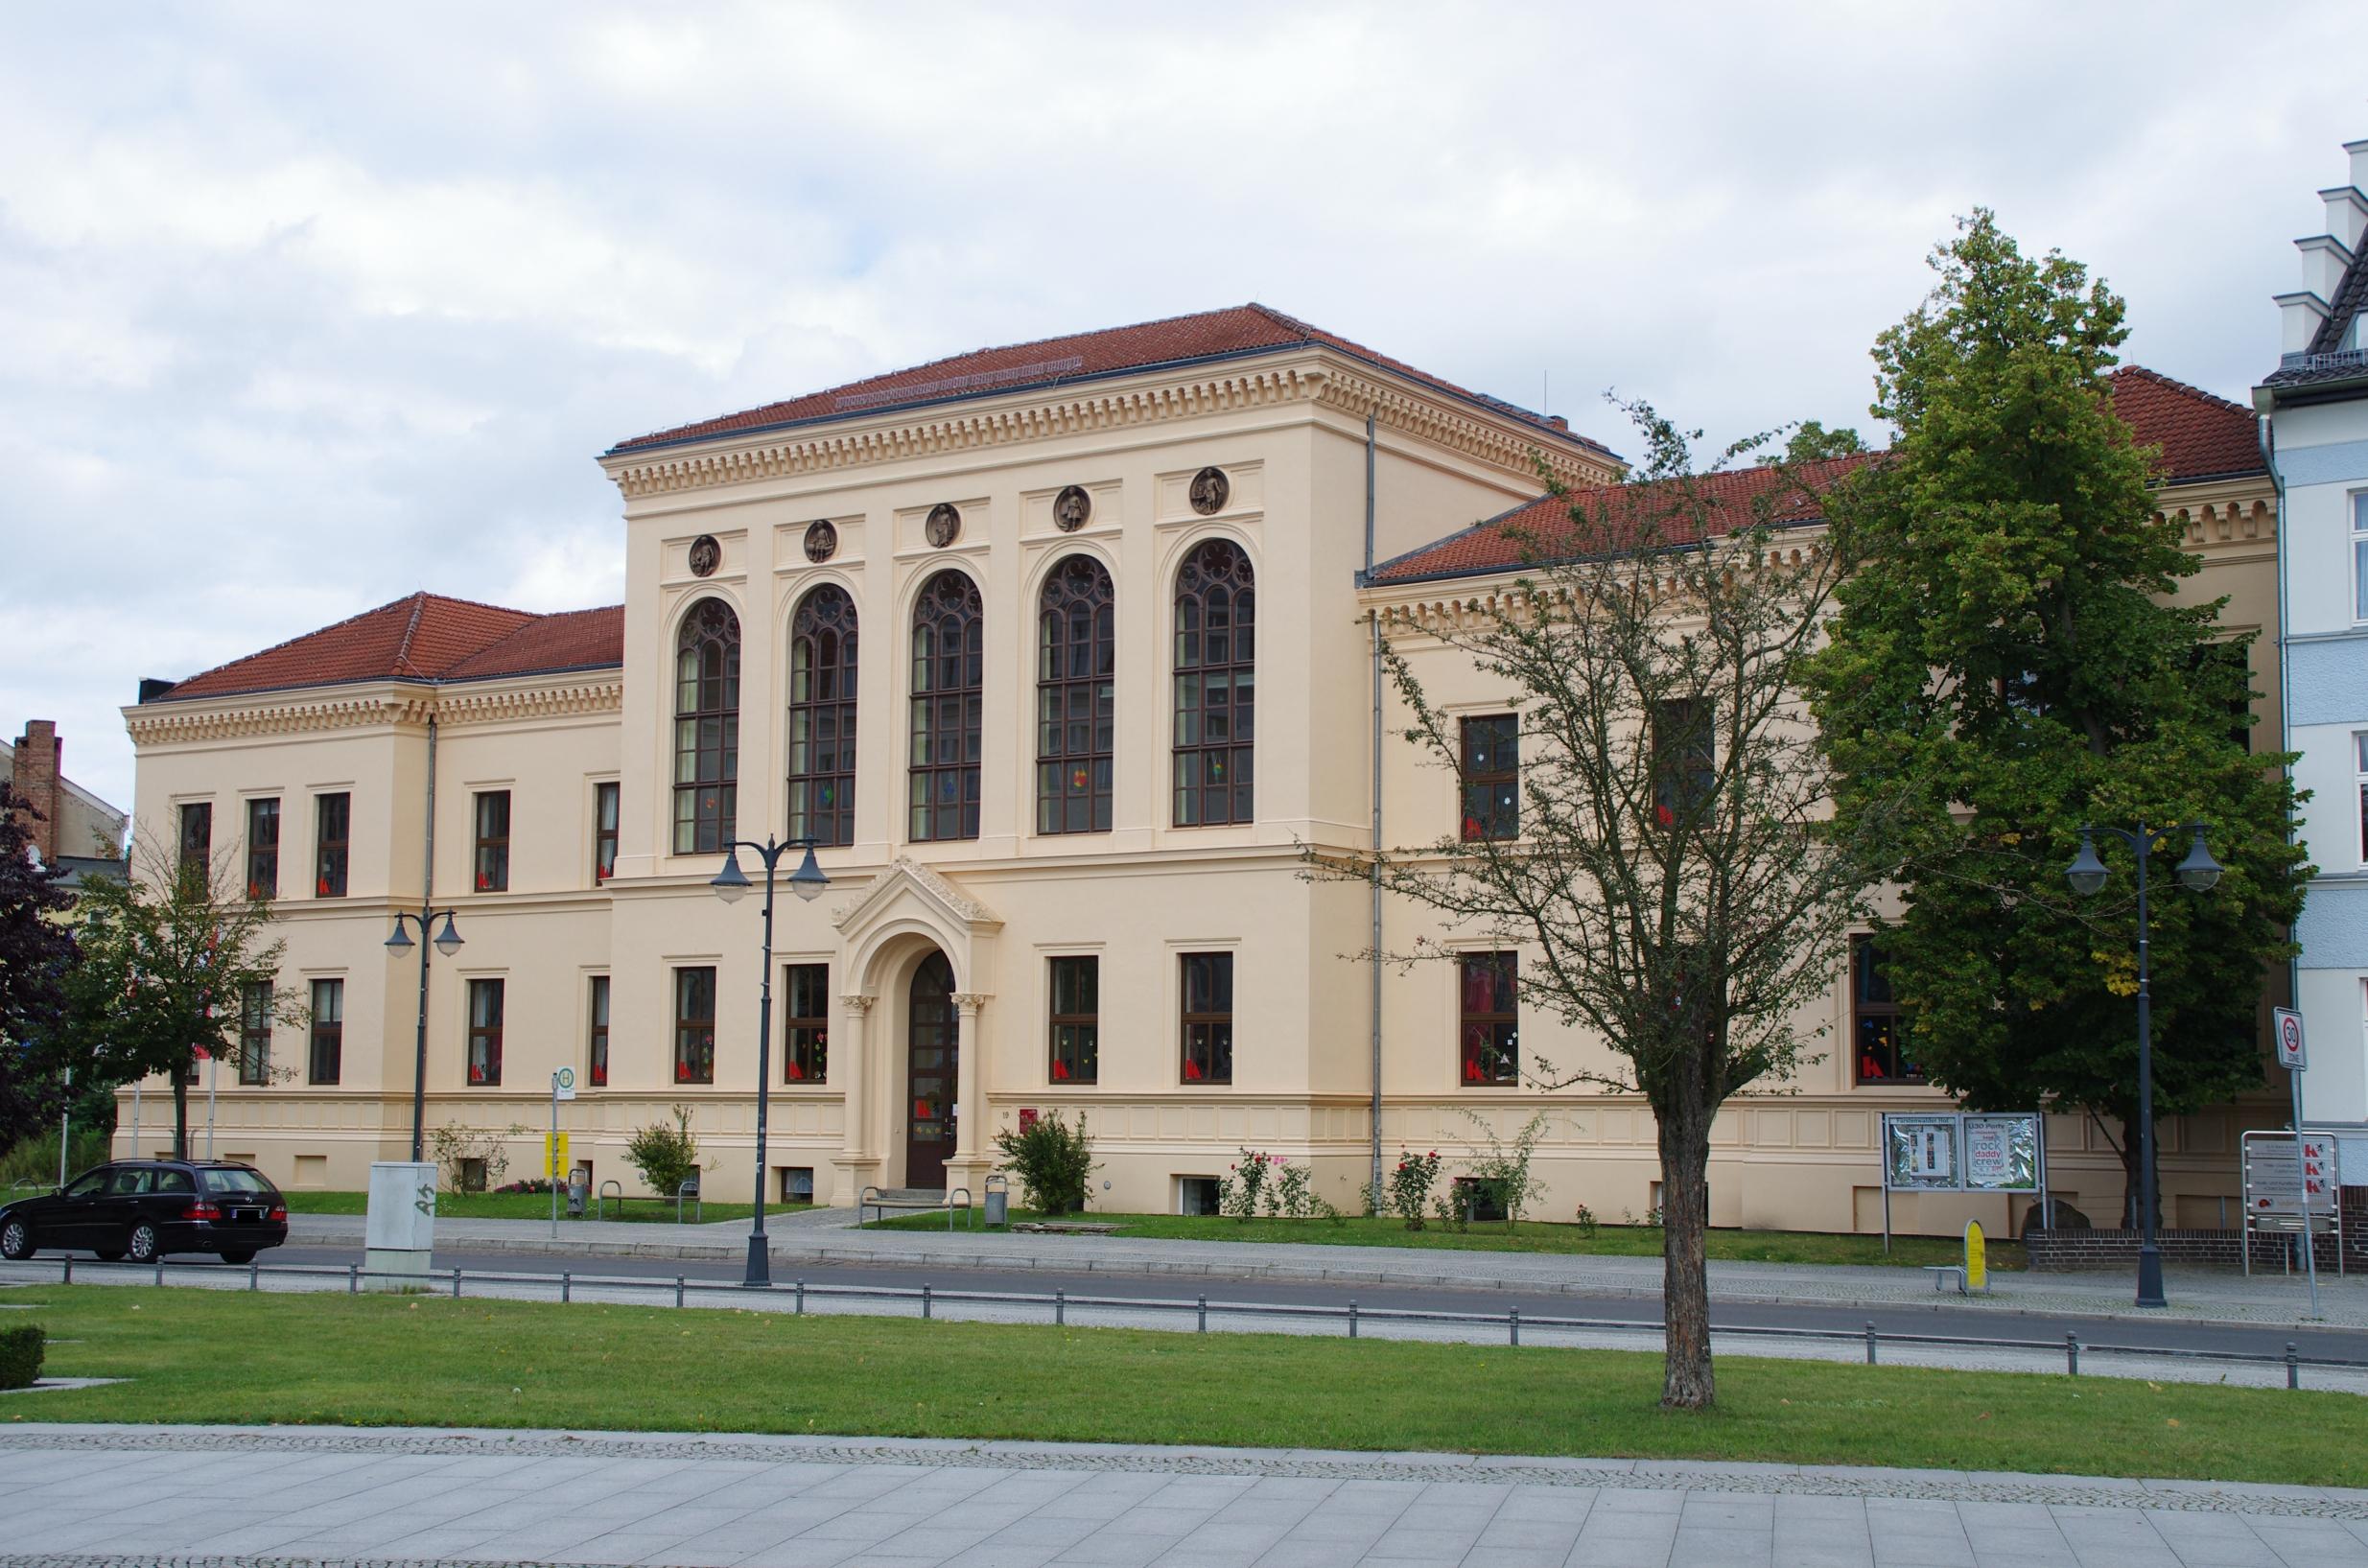 Kino Fürstenwalde